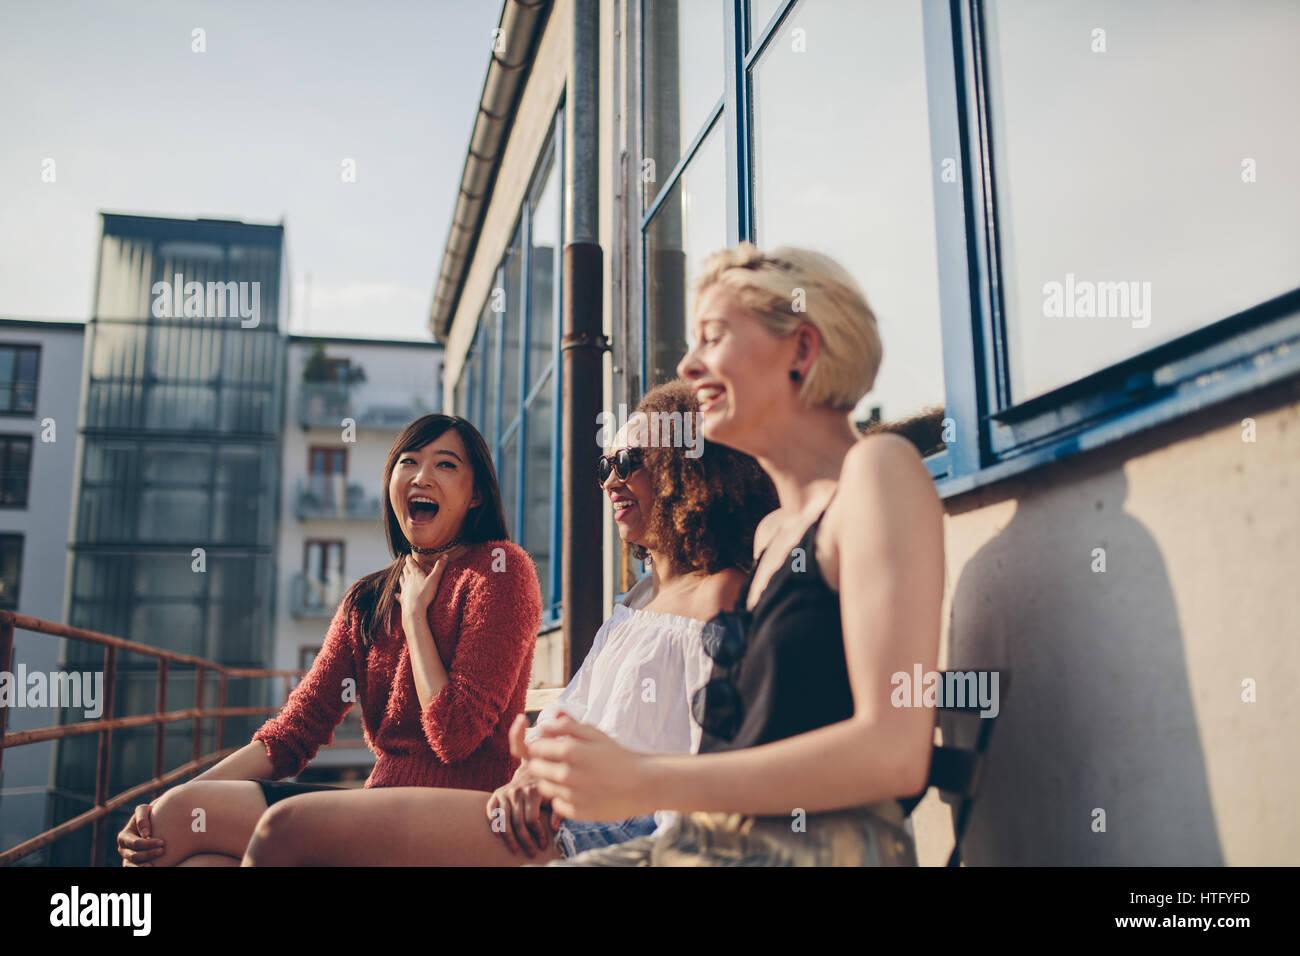 Colpo di sorridente giovane femmina amici seduti insieme in terrazza. Donne e multirazziale di relax all'aperto Immagini Stock